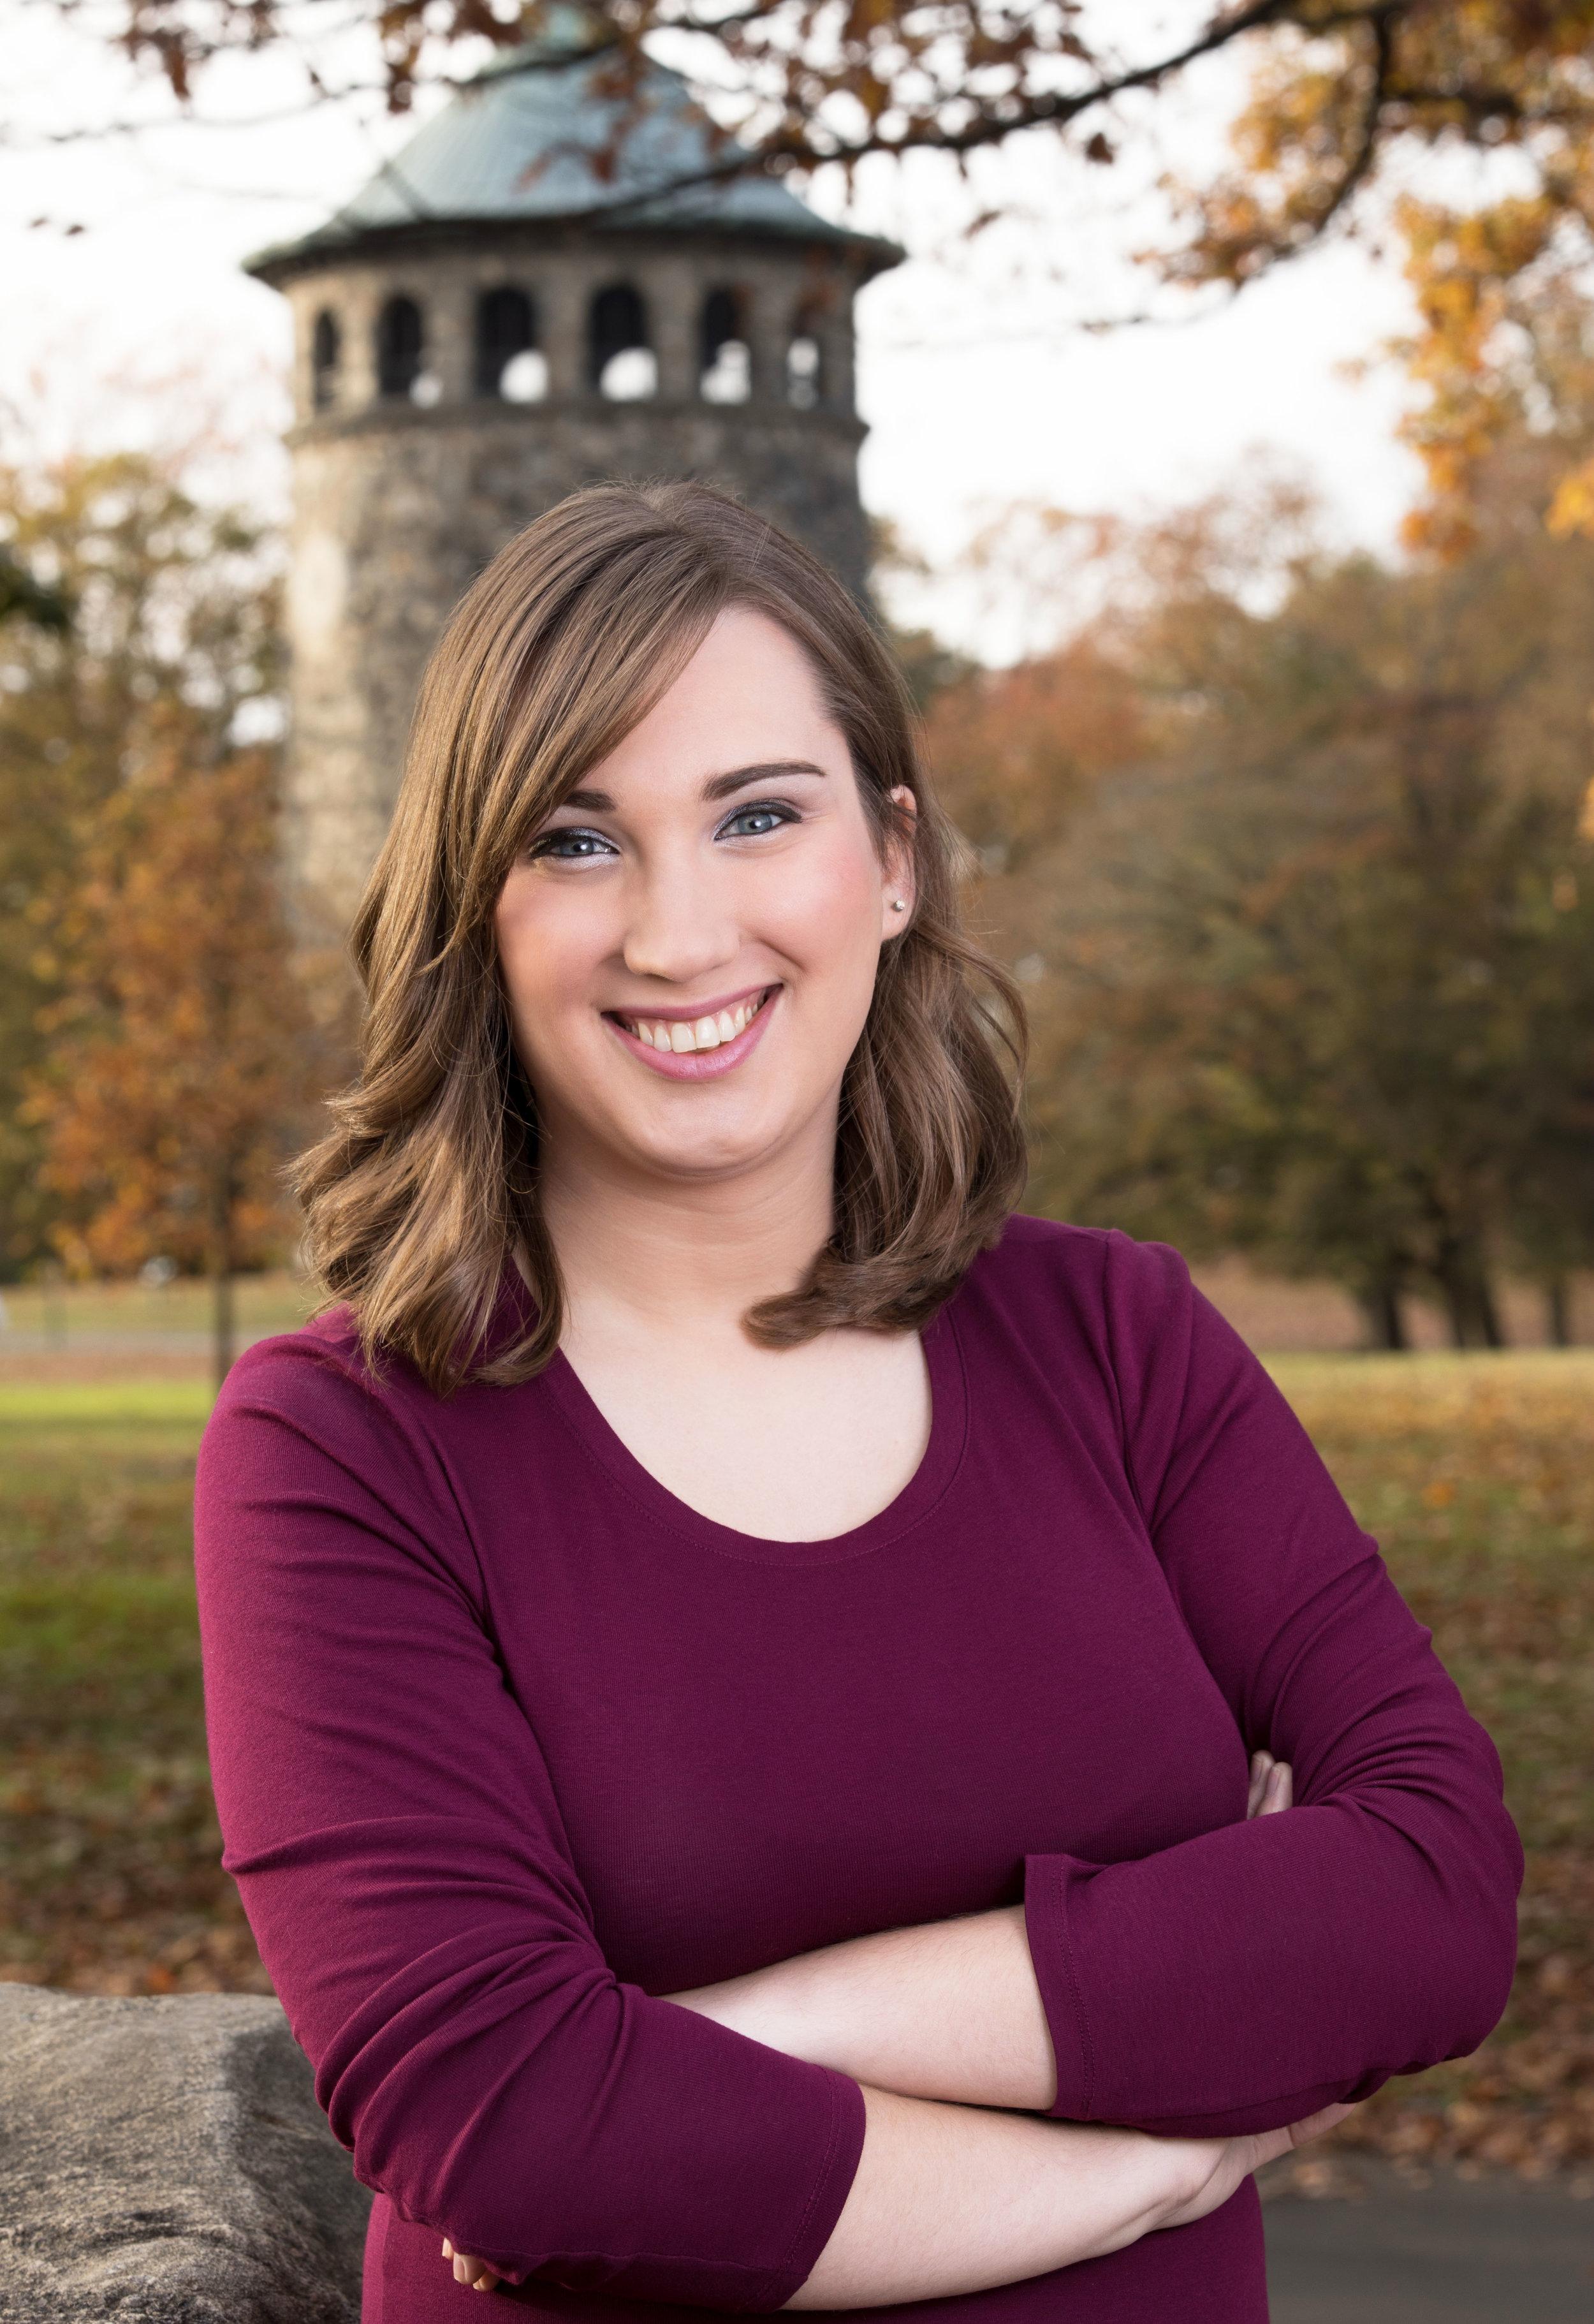 Sarah McBride, HRC National Press Secretary